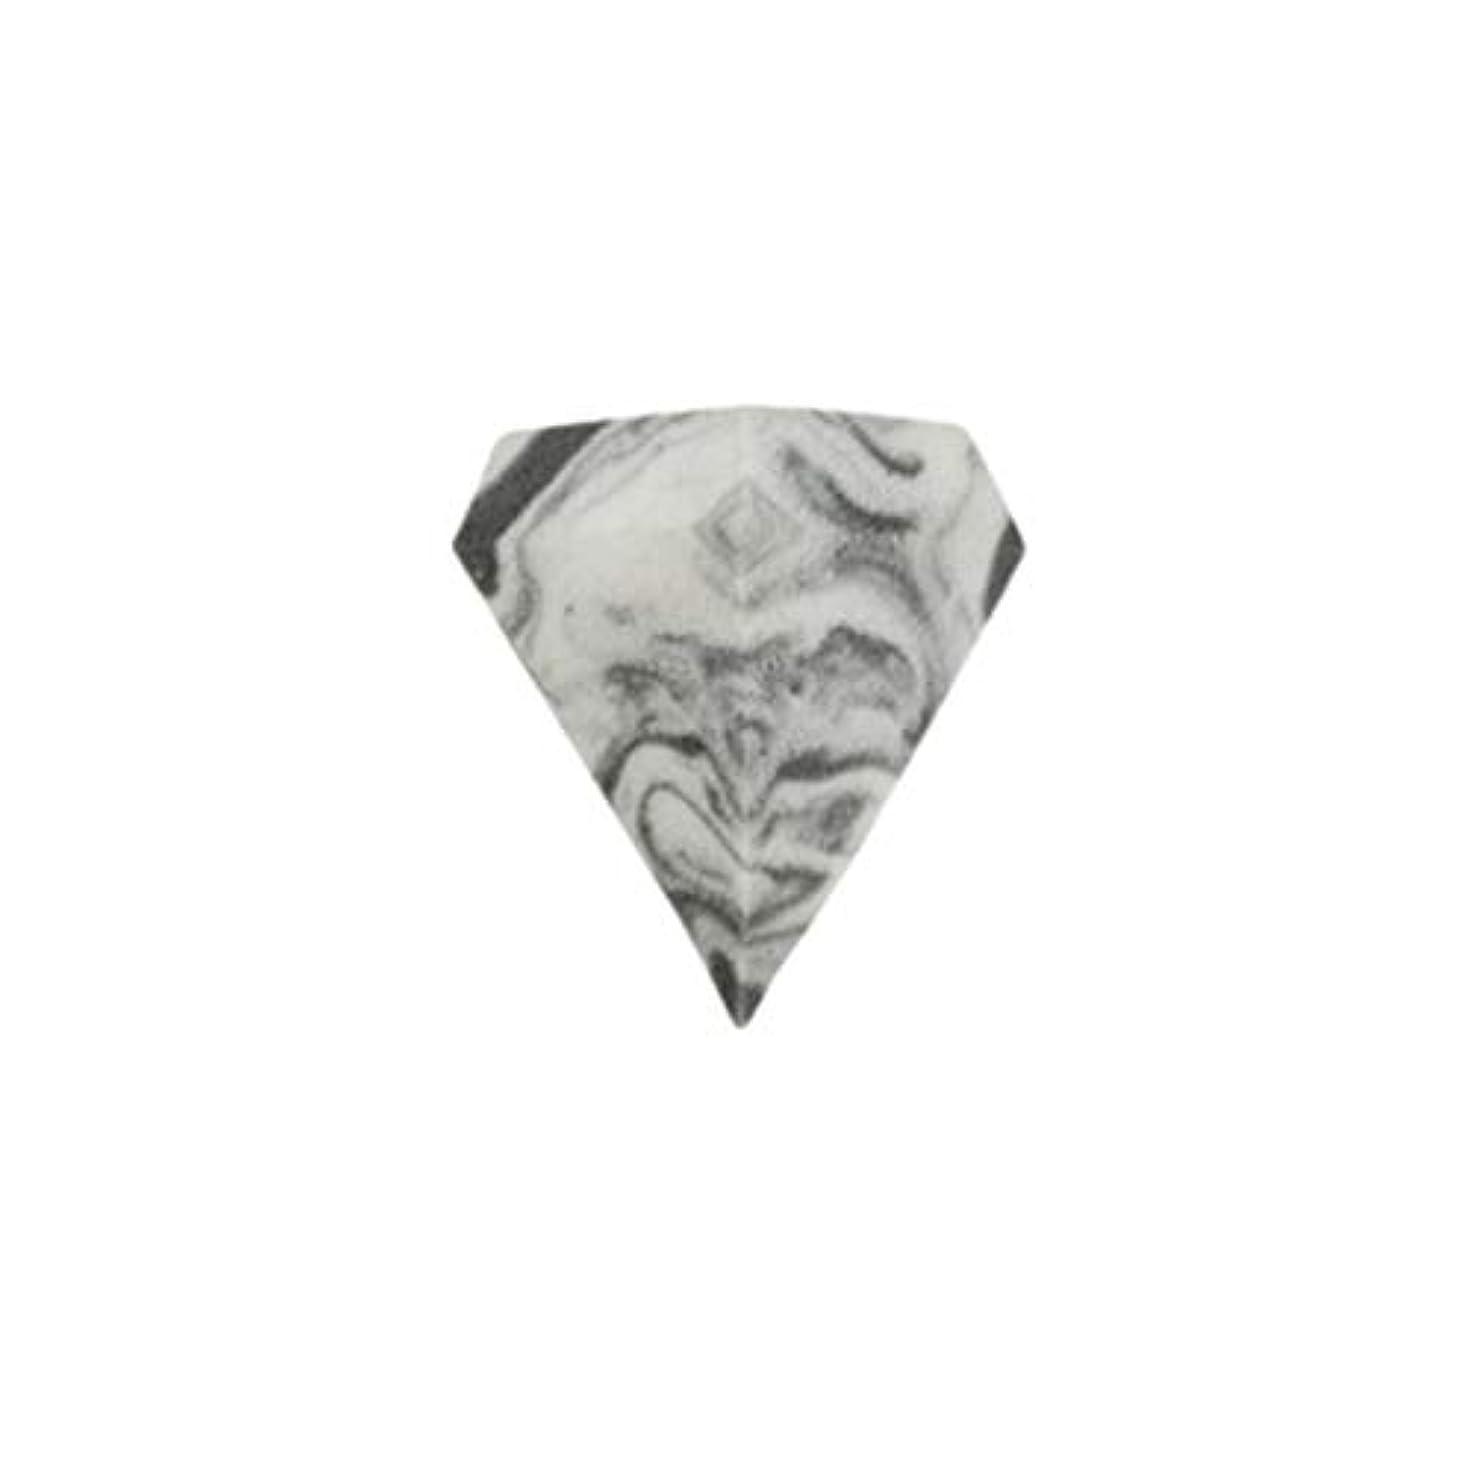 左現在注釈を付ける美のスポンジ、柔らかいダイヤモンド形の構造の混合物の基礎スポンジ